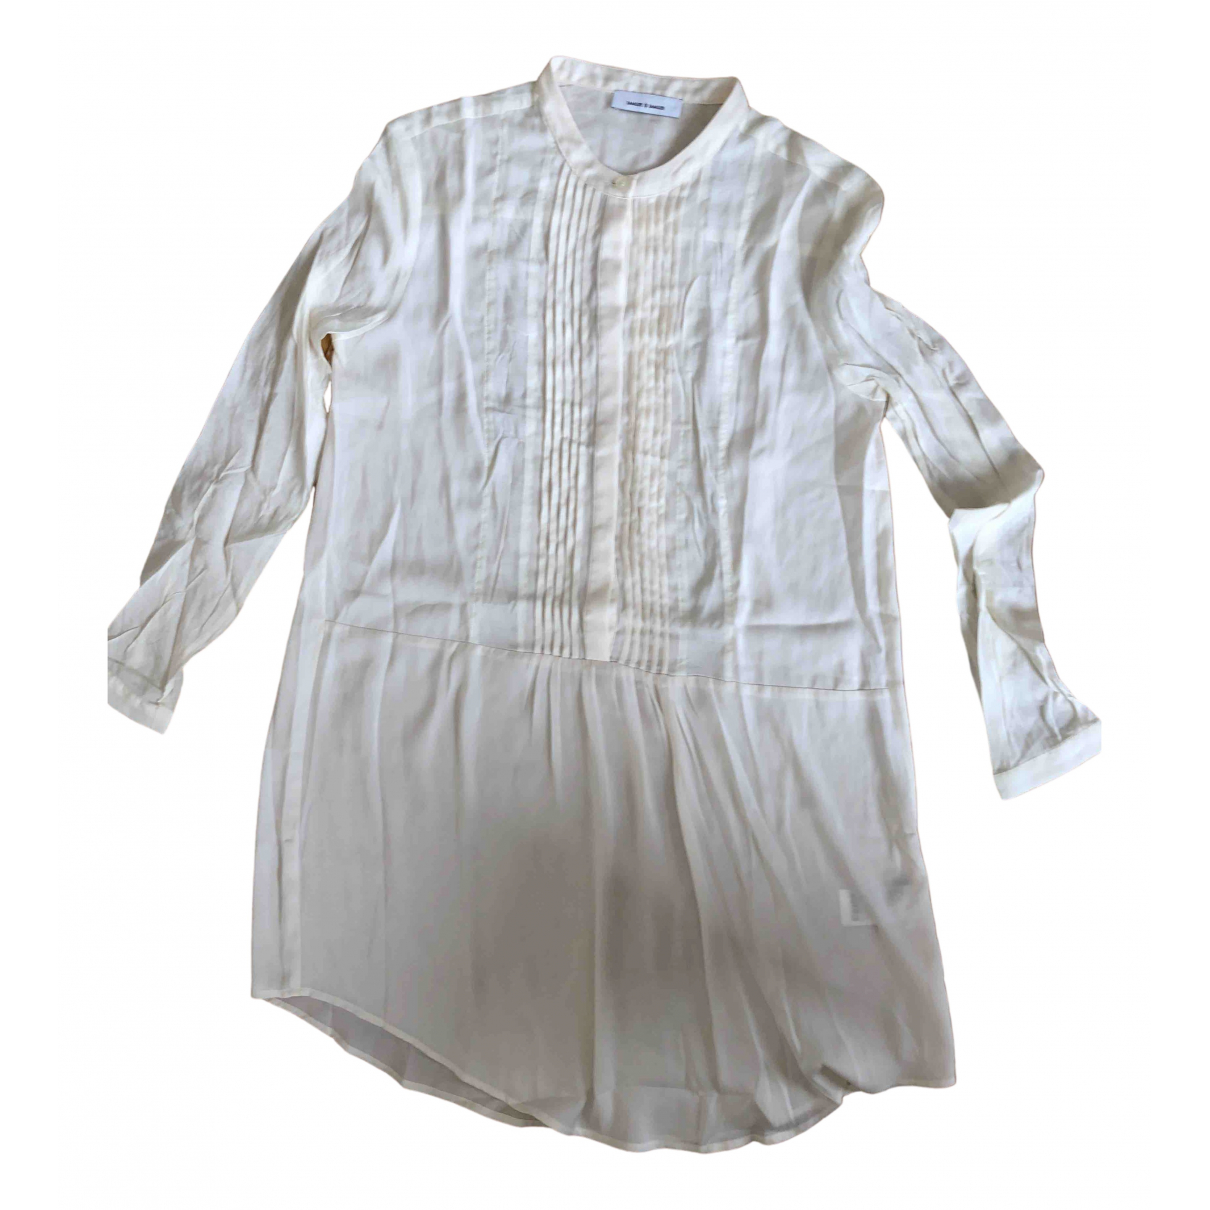 Samsoe & Samsoe \N Ecru dress for Women S International